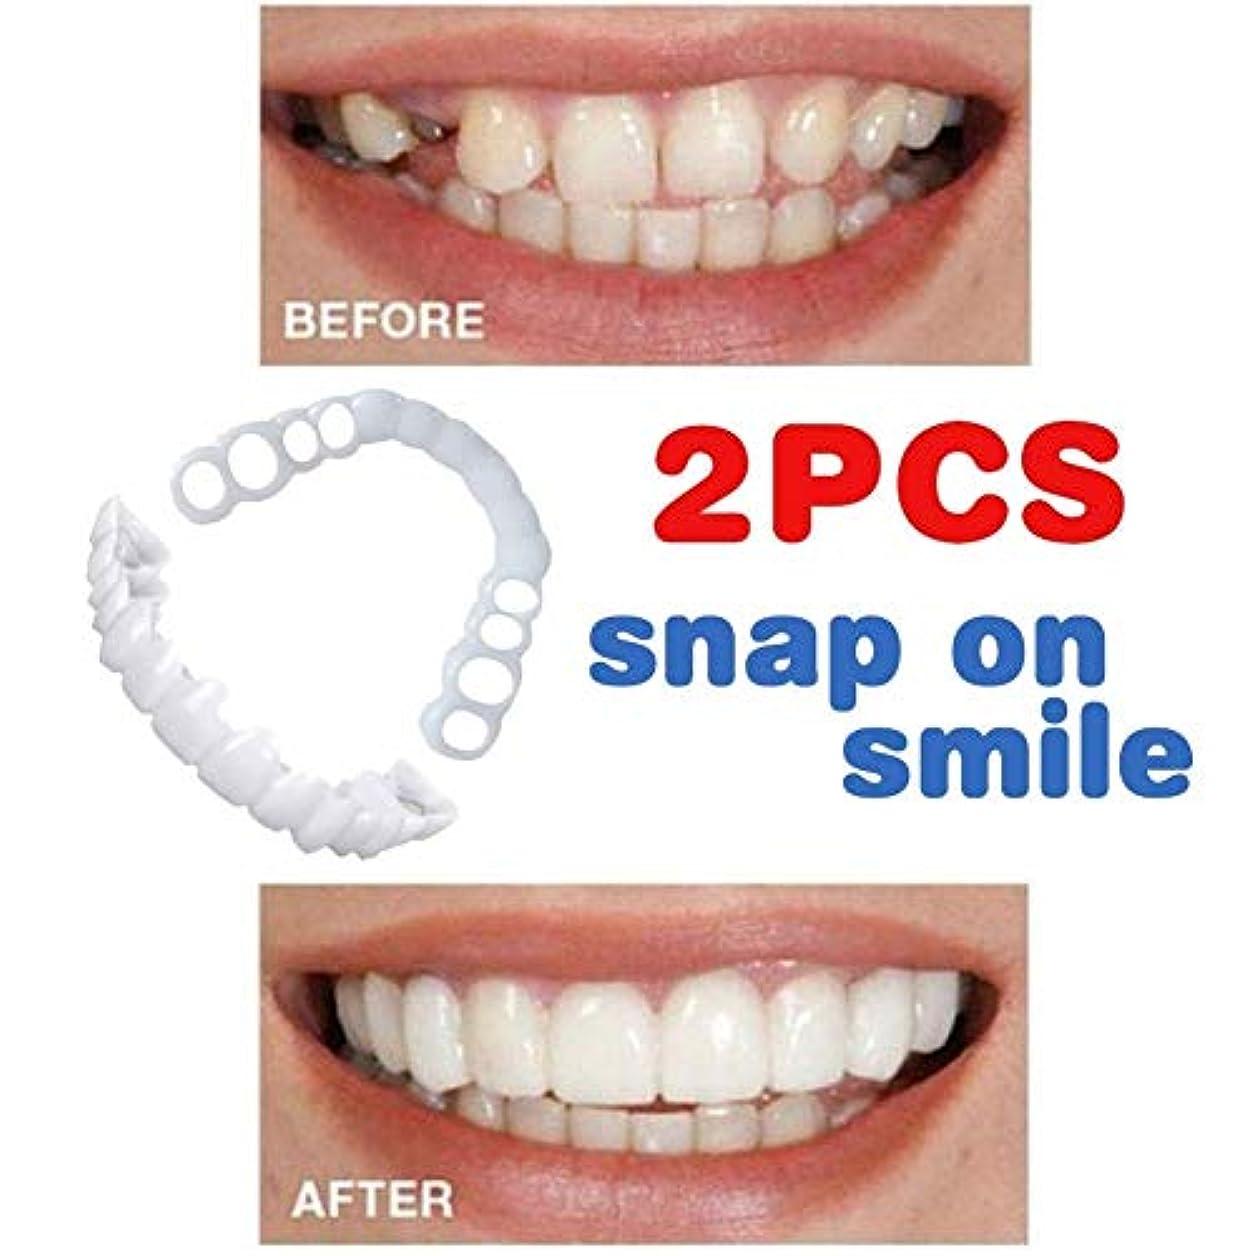 熟読アウタークール完璧な笑顔ホワイトニング義歯フィットフレックス化粧品歯快適なベニアカバーデンタルケアアクセサリーベニア化粧品ベニア